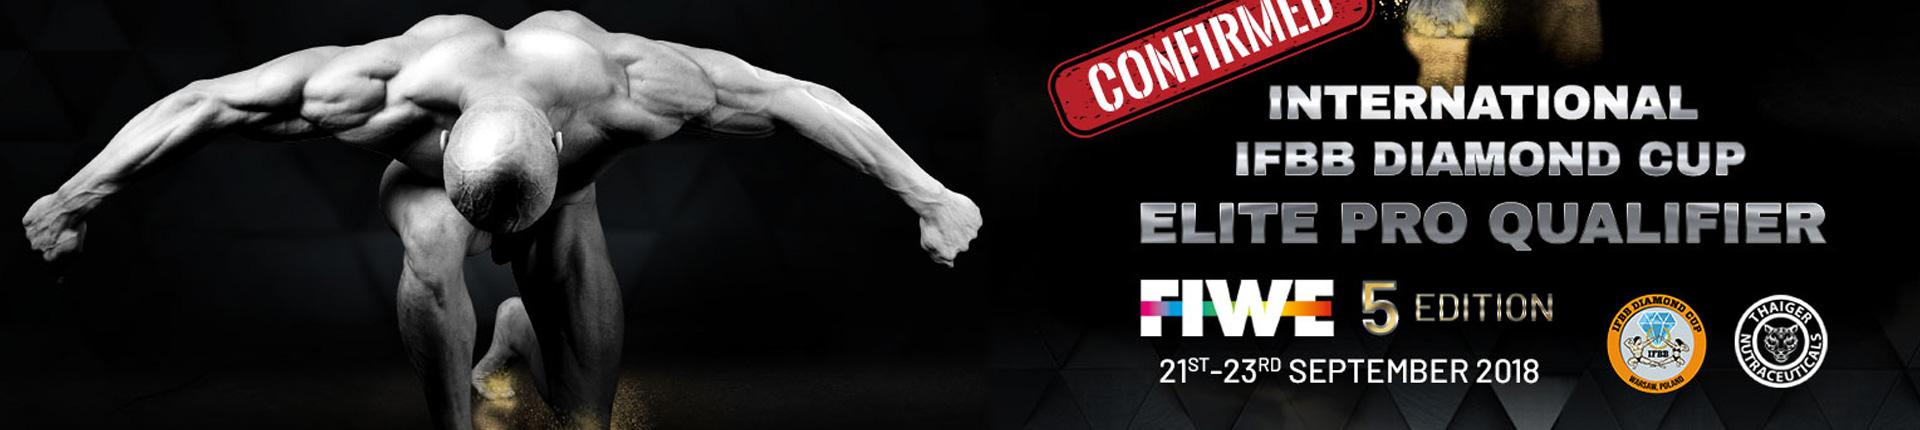 Finał IFBB DIAMOND CUP na targach FIWE w Warszawie.